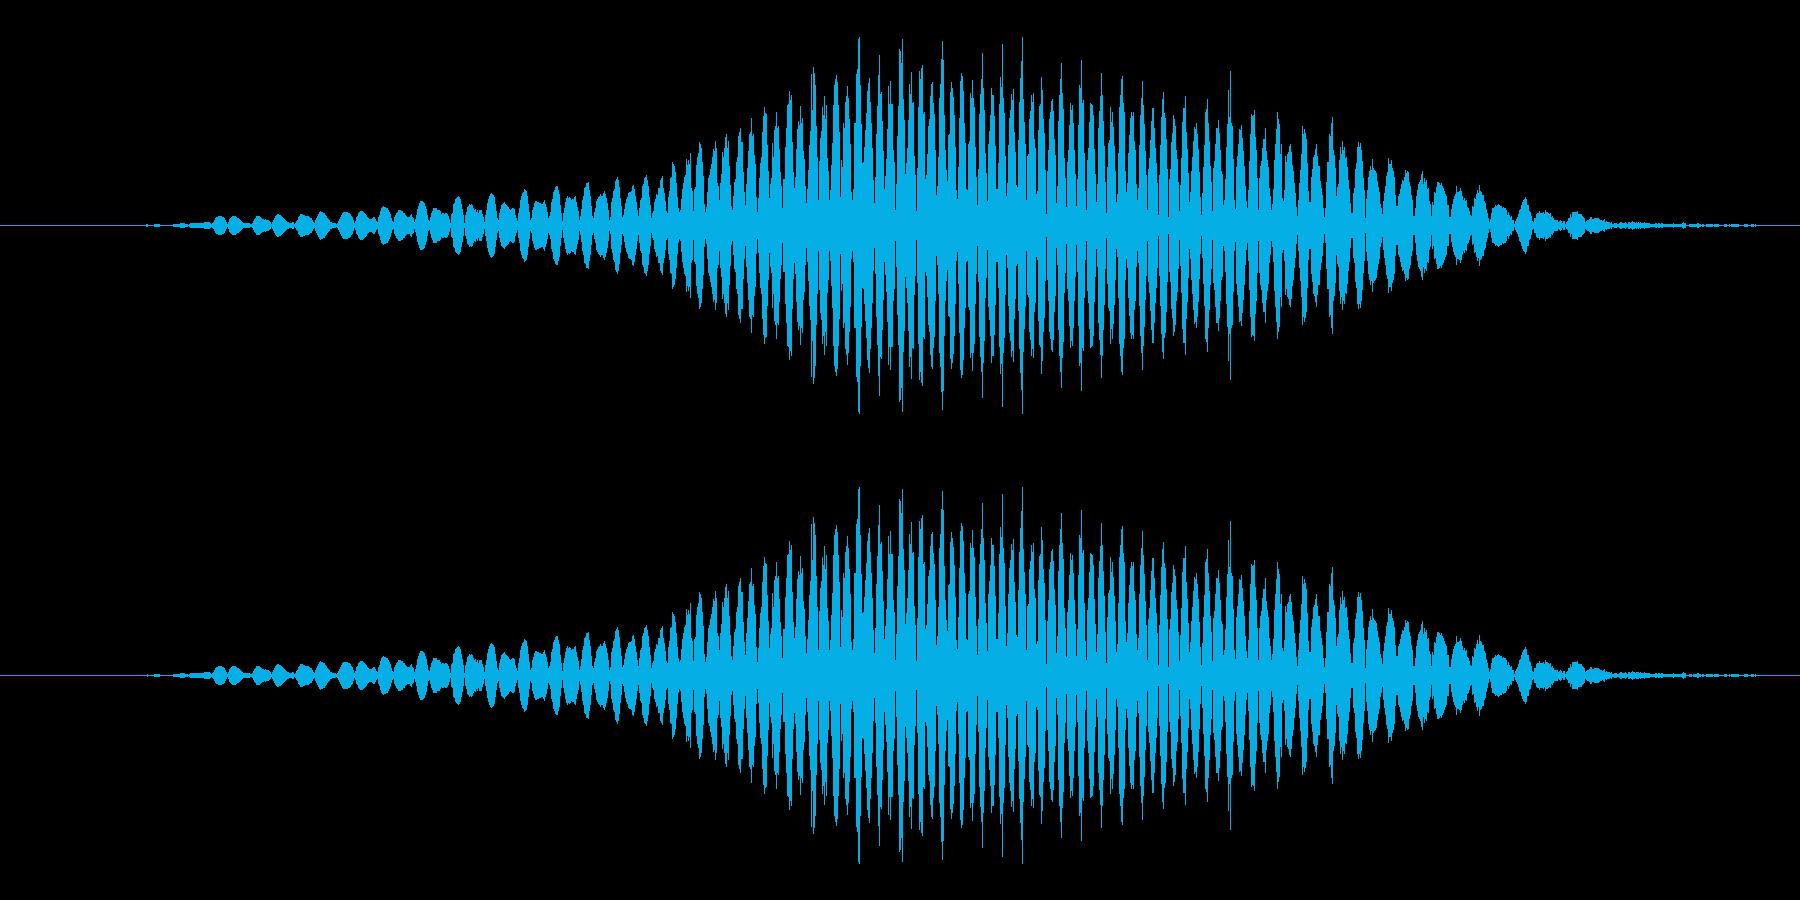 「に(2)」渋い男性の声の再生済みの波形